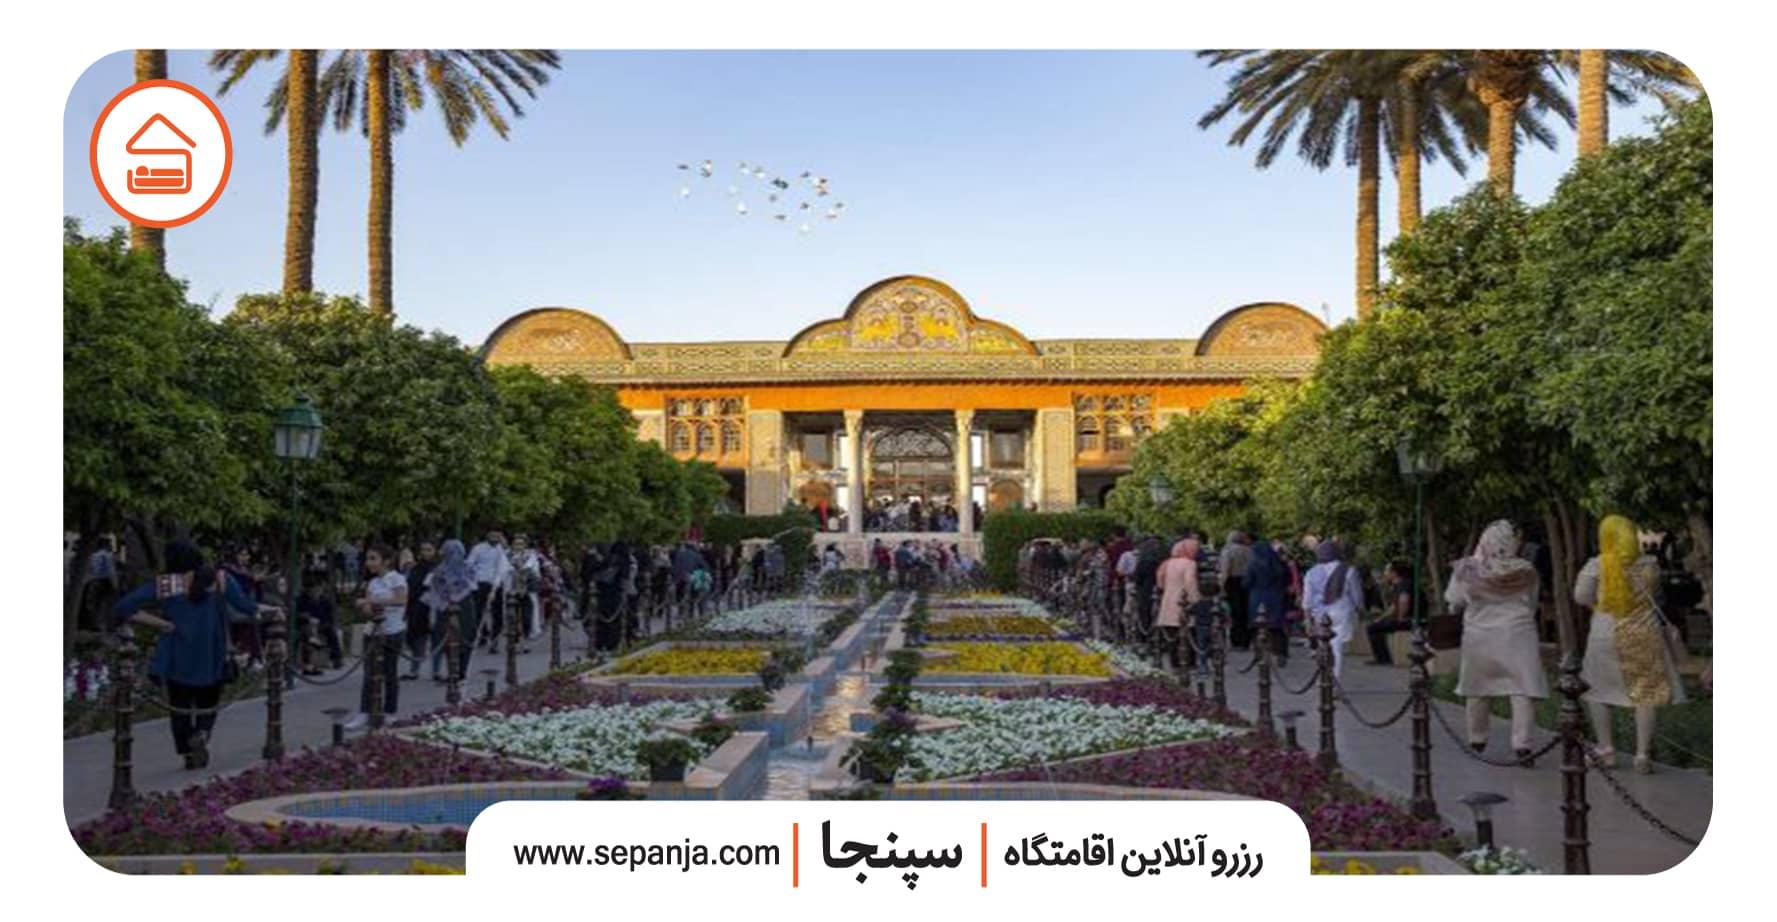 نارنجستان قوام از بهترین جاهای دیدنی شیراز